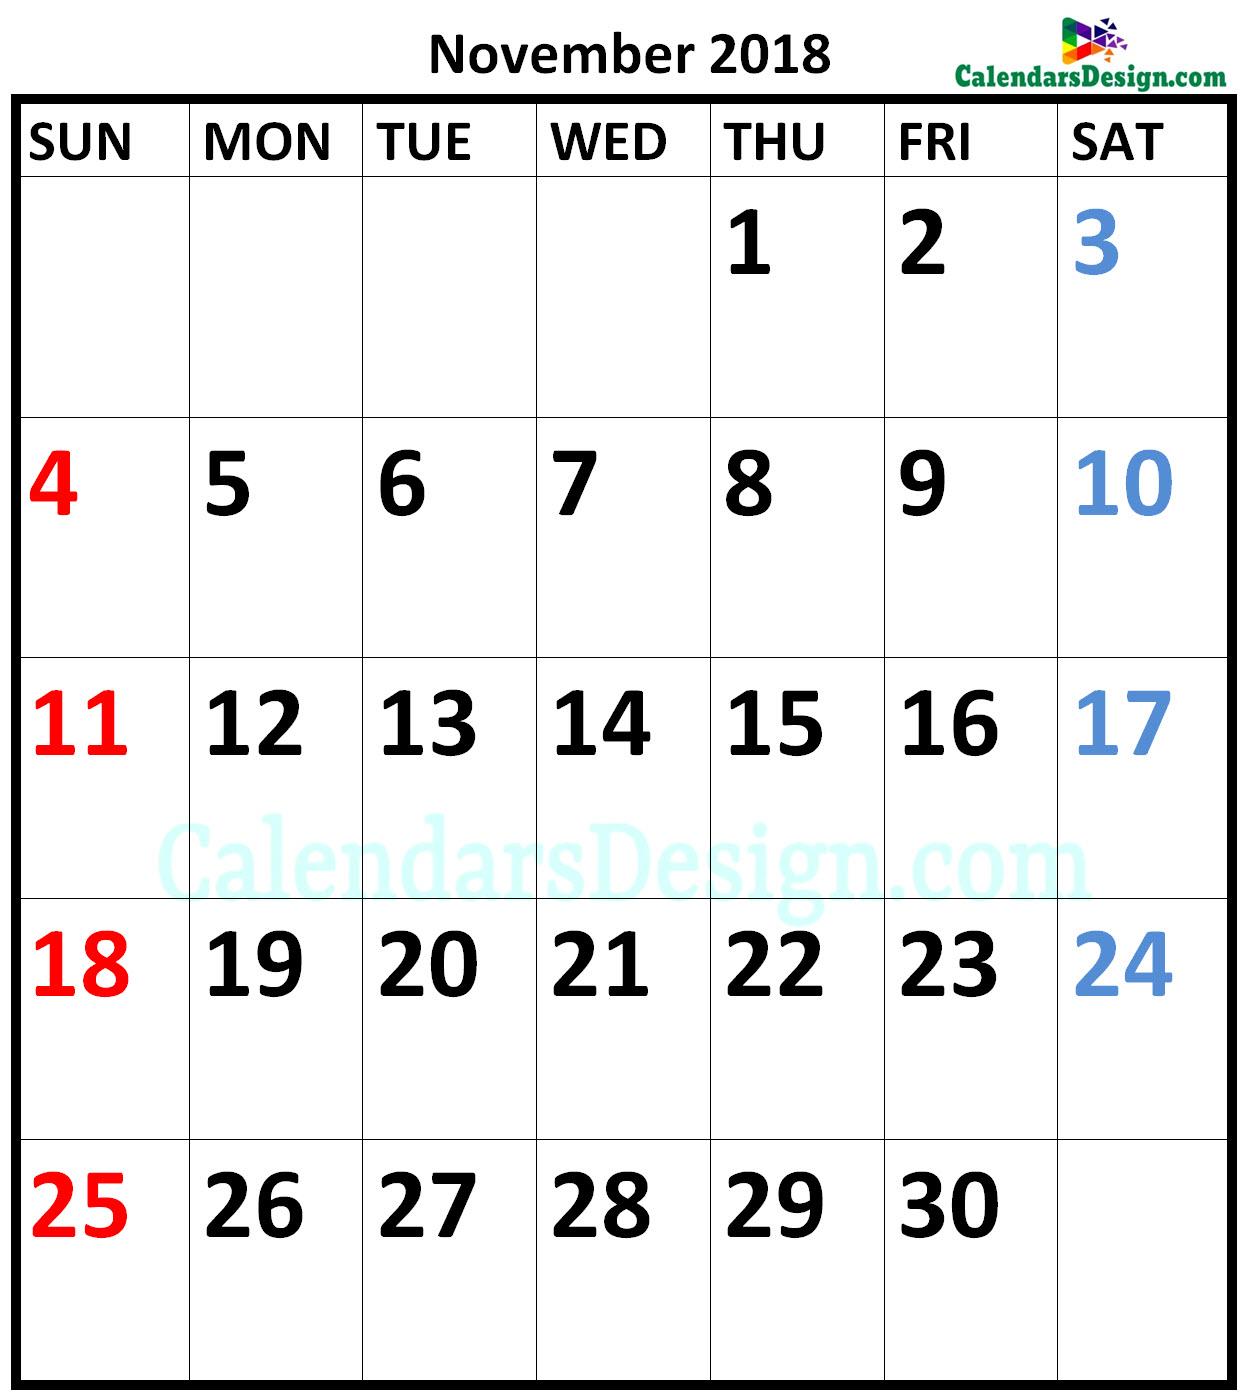 November 2018 Calendar A4 Size